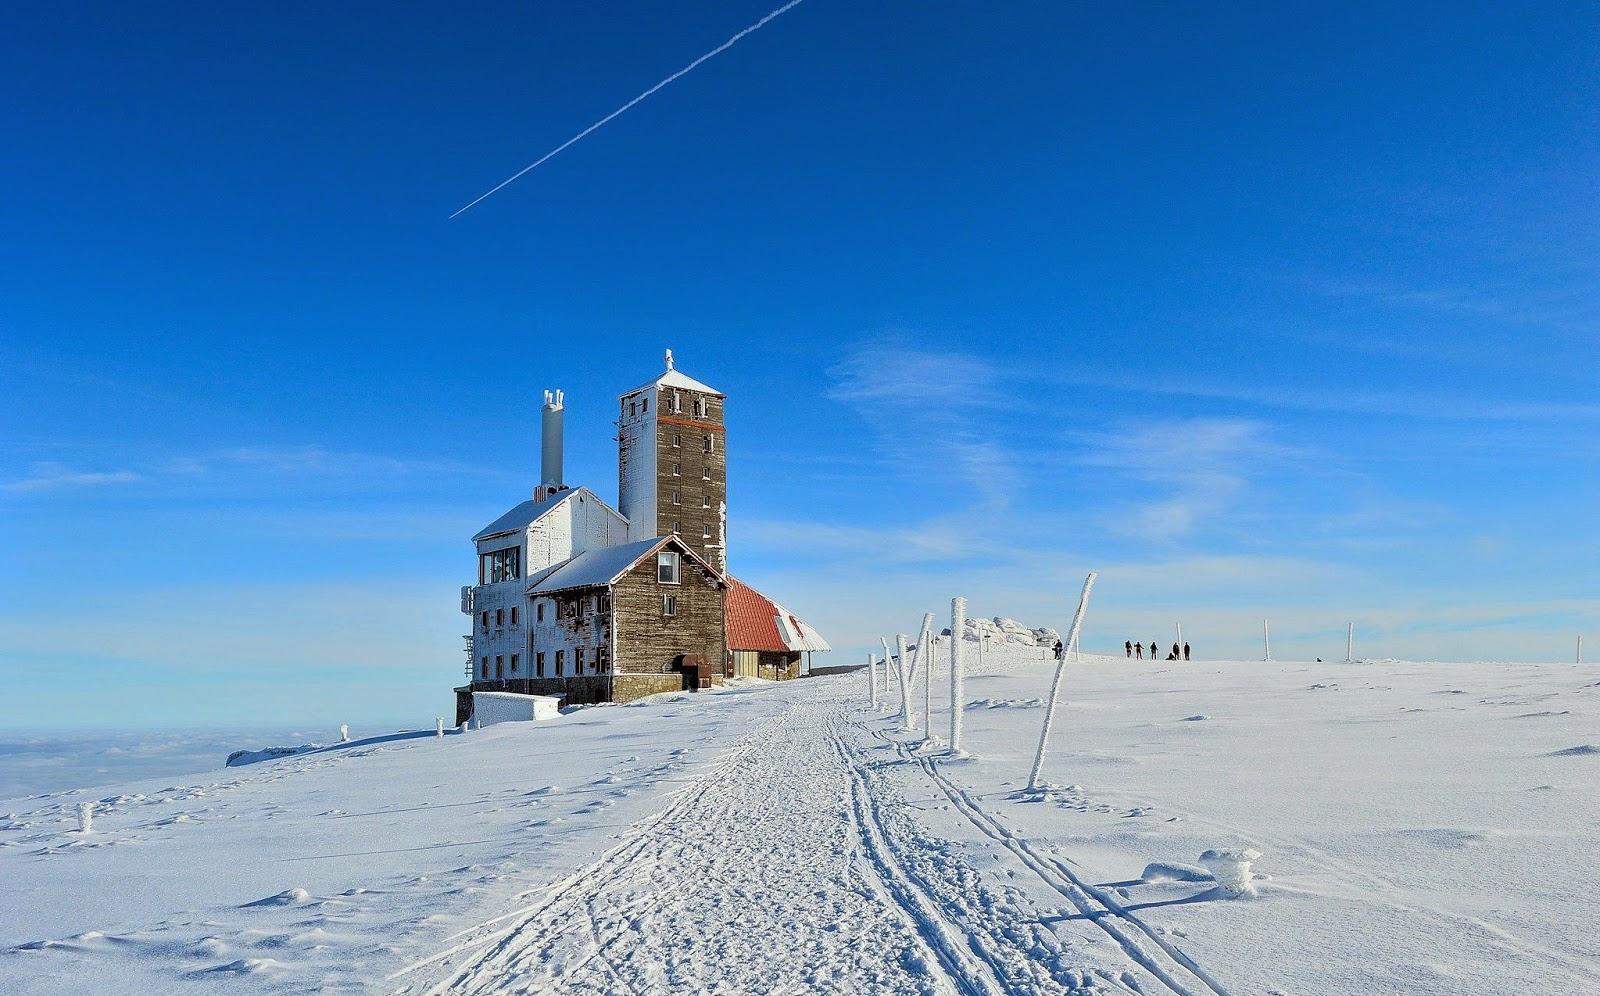 Bouda u Sněžných jam v zimě